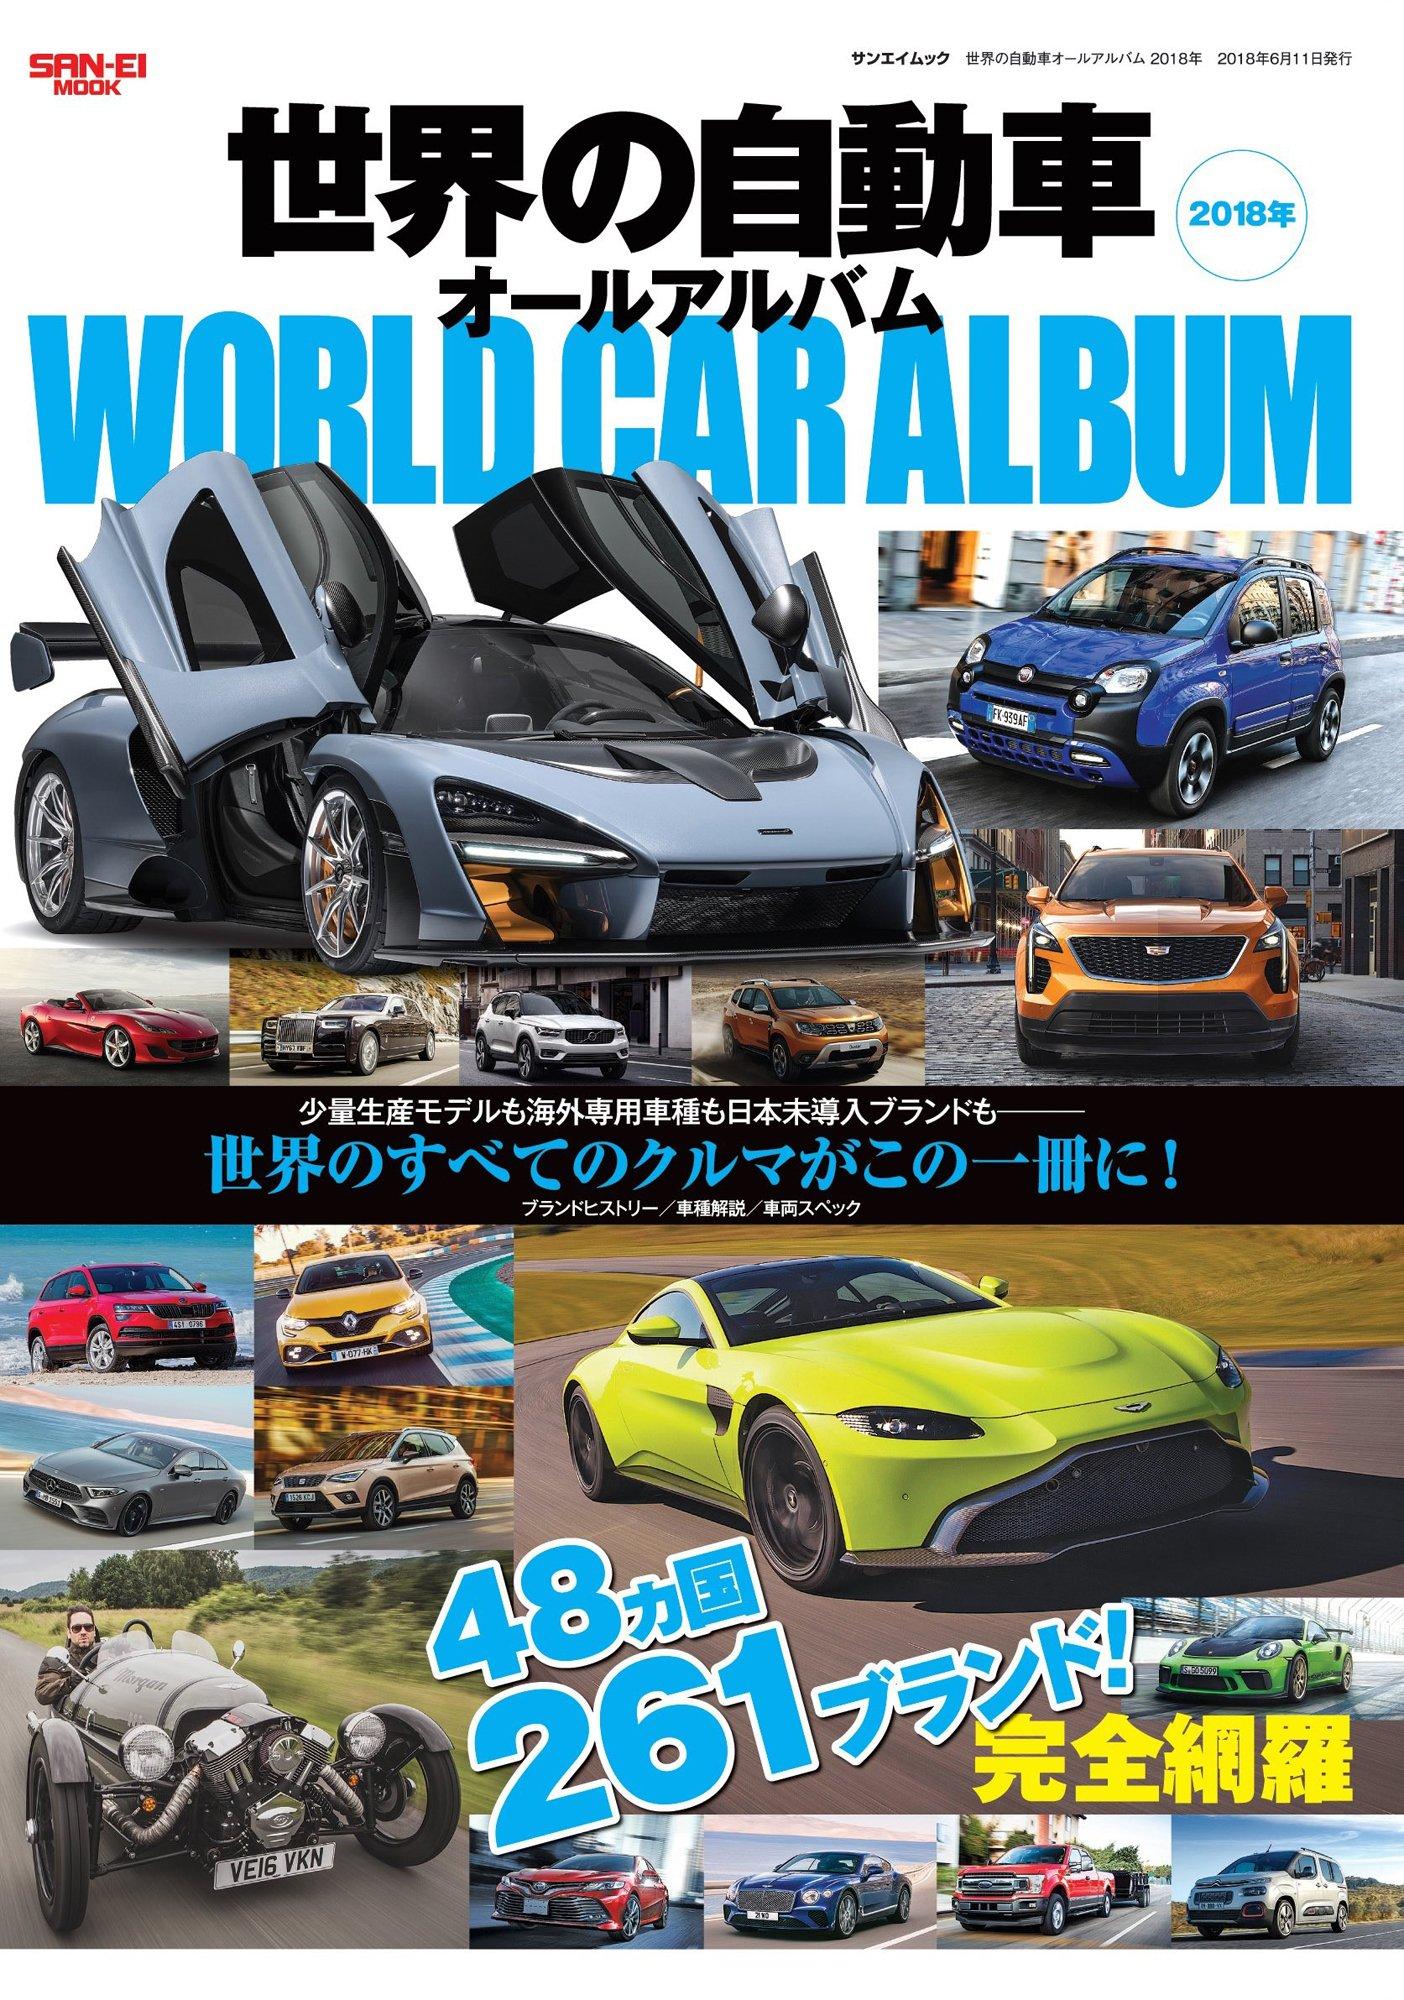 「世界の自動車オールアルバム 2018年 (サンエイムック) 」(三栄書房)